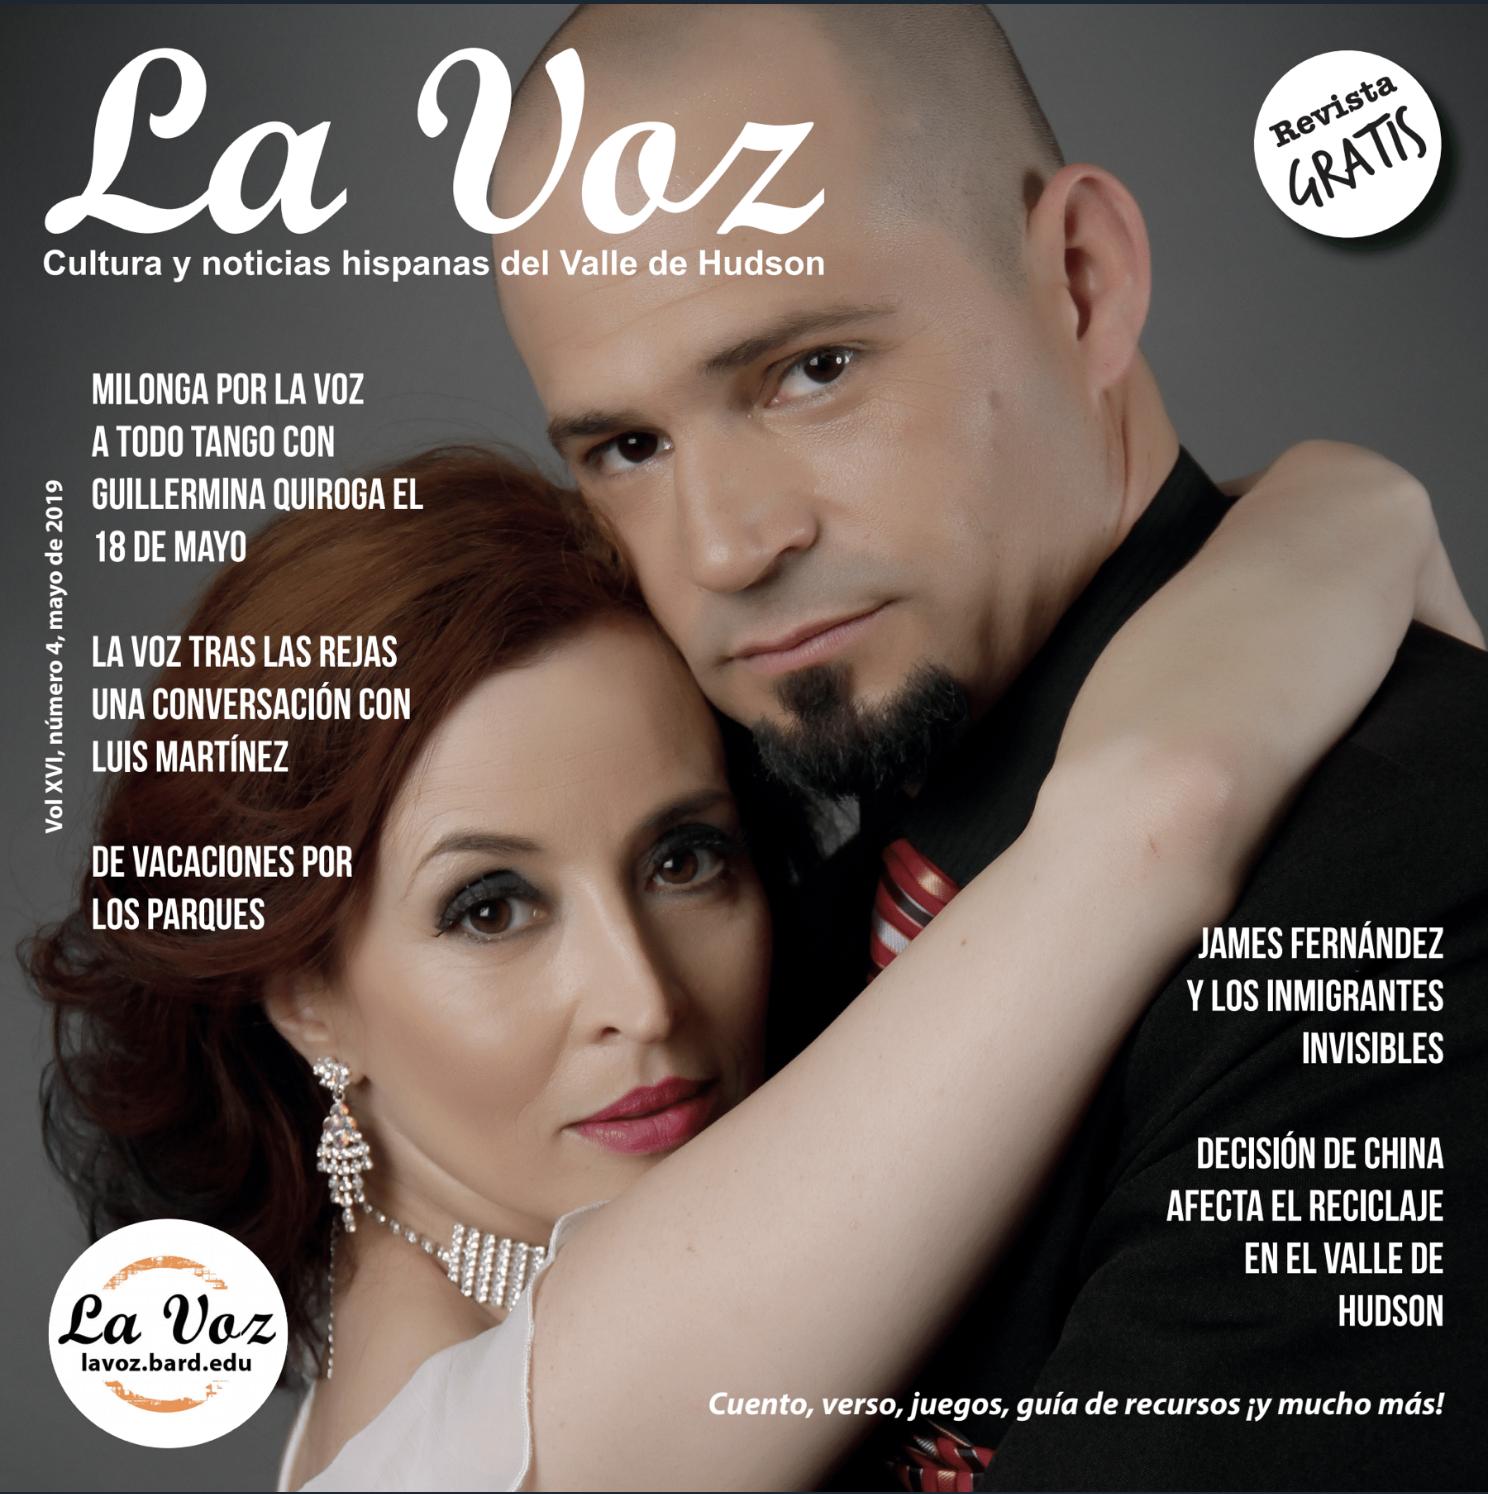 La Voz mayo 2019